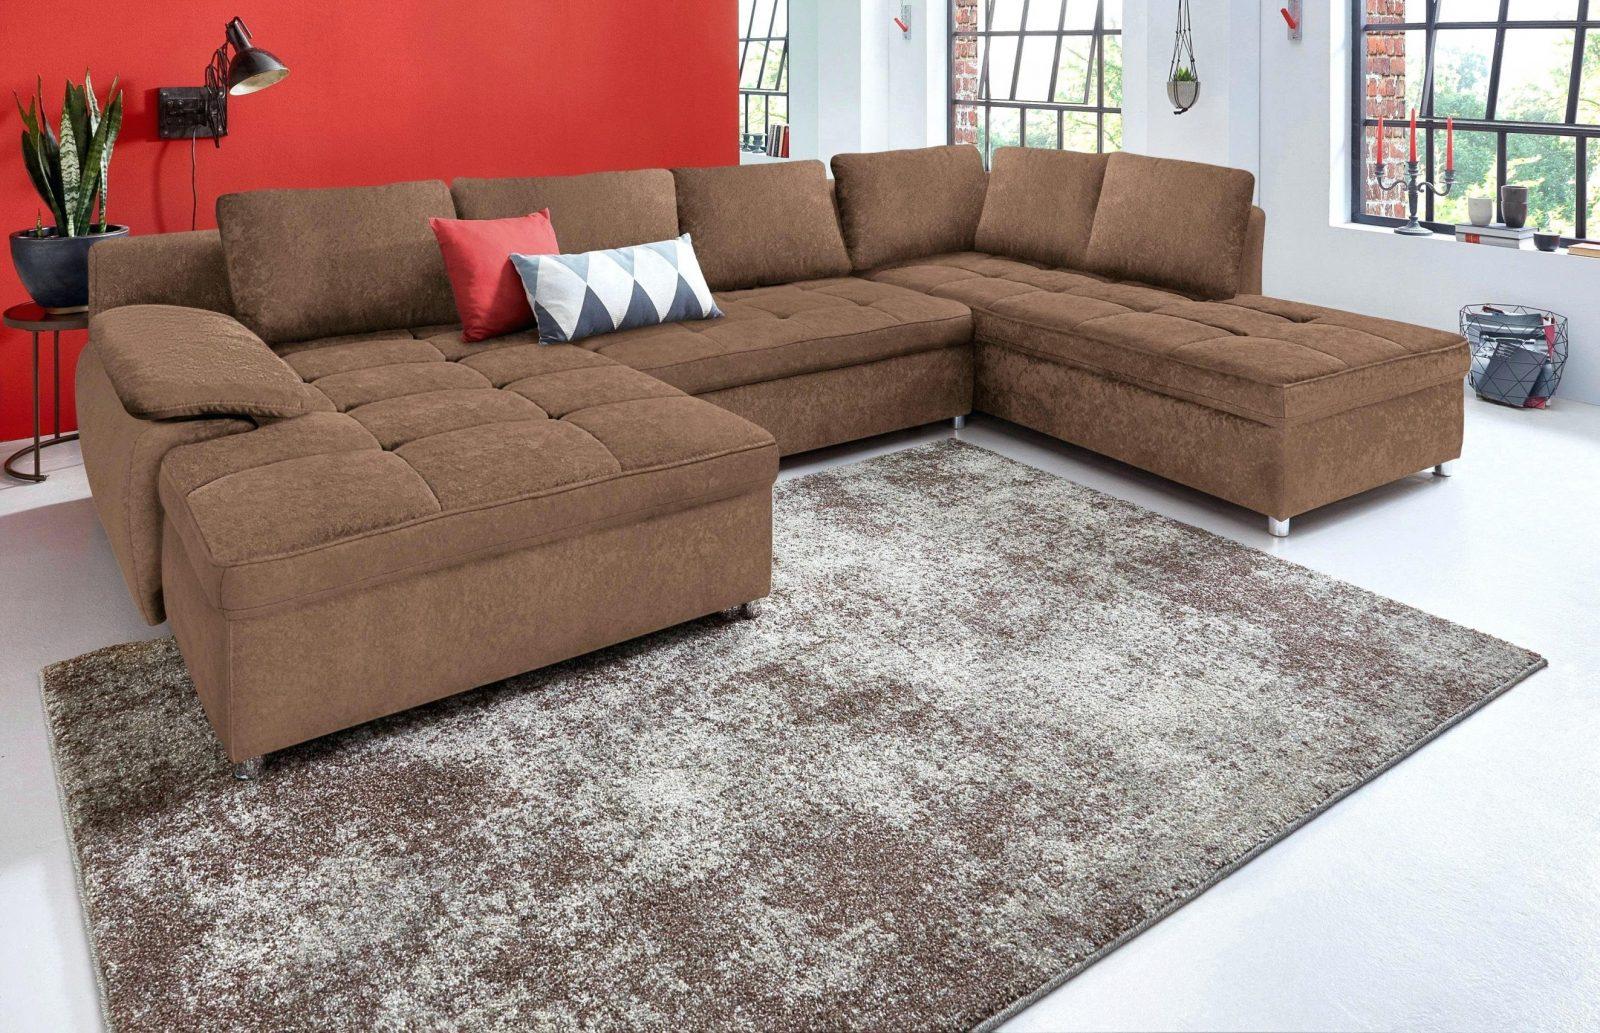 wunderbar wohnlandschaft xxl u form big sofa full size